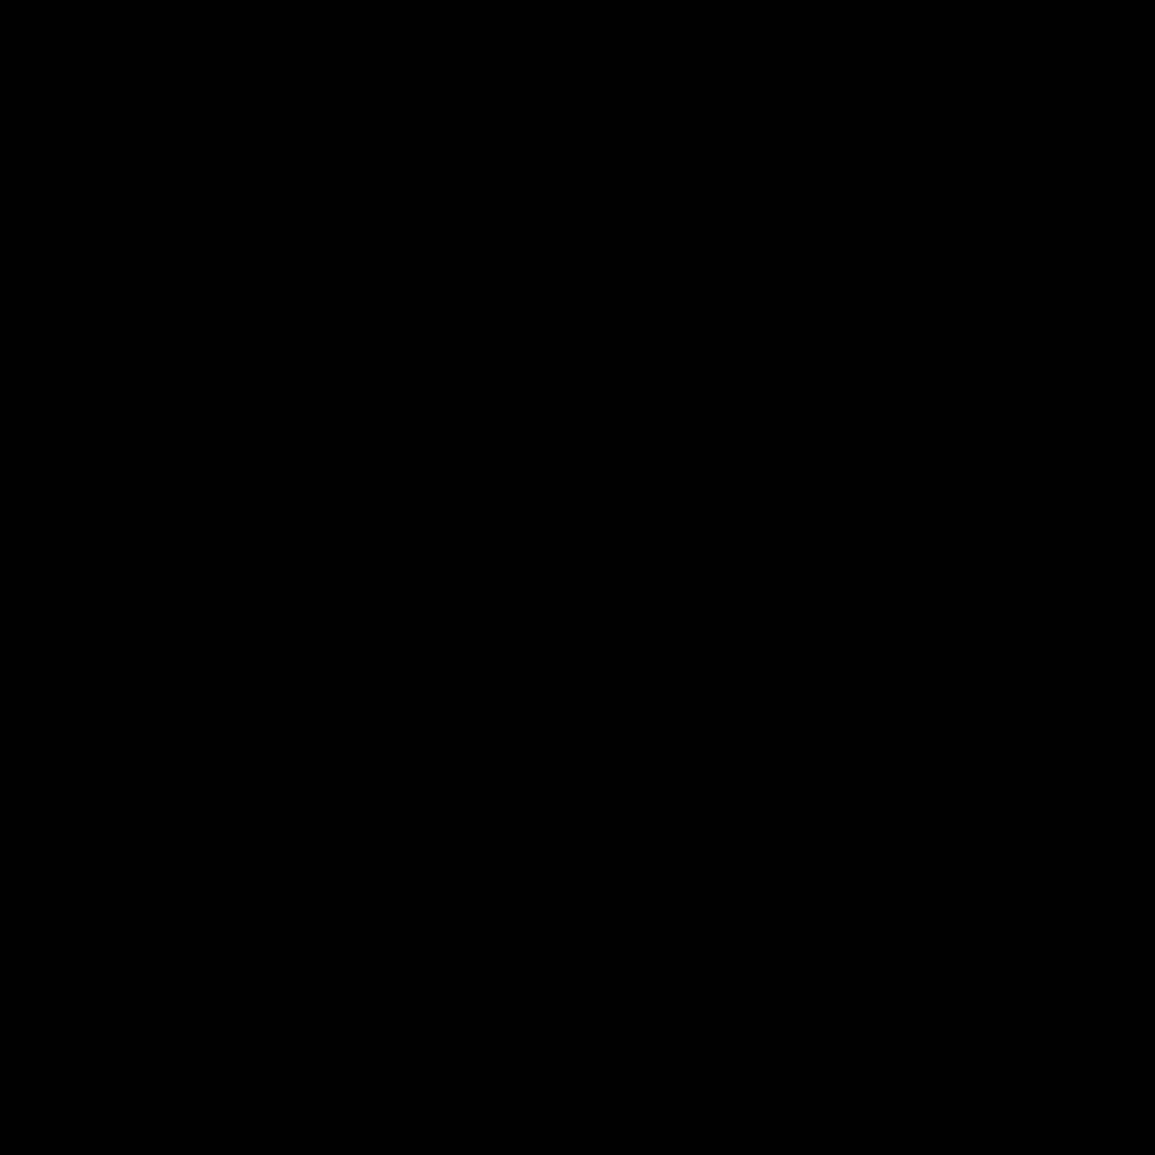 ロゴライン E ELL 字形見本